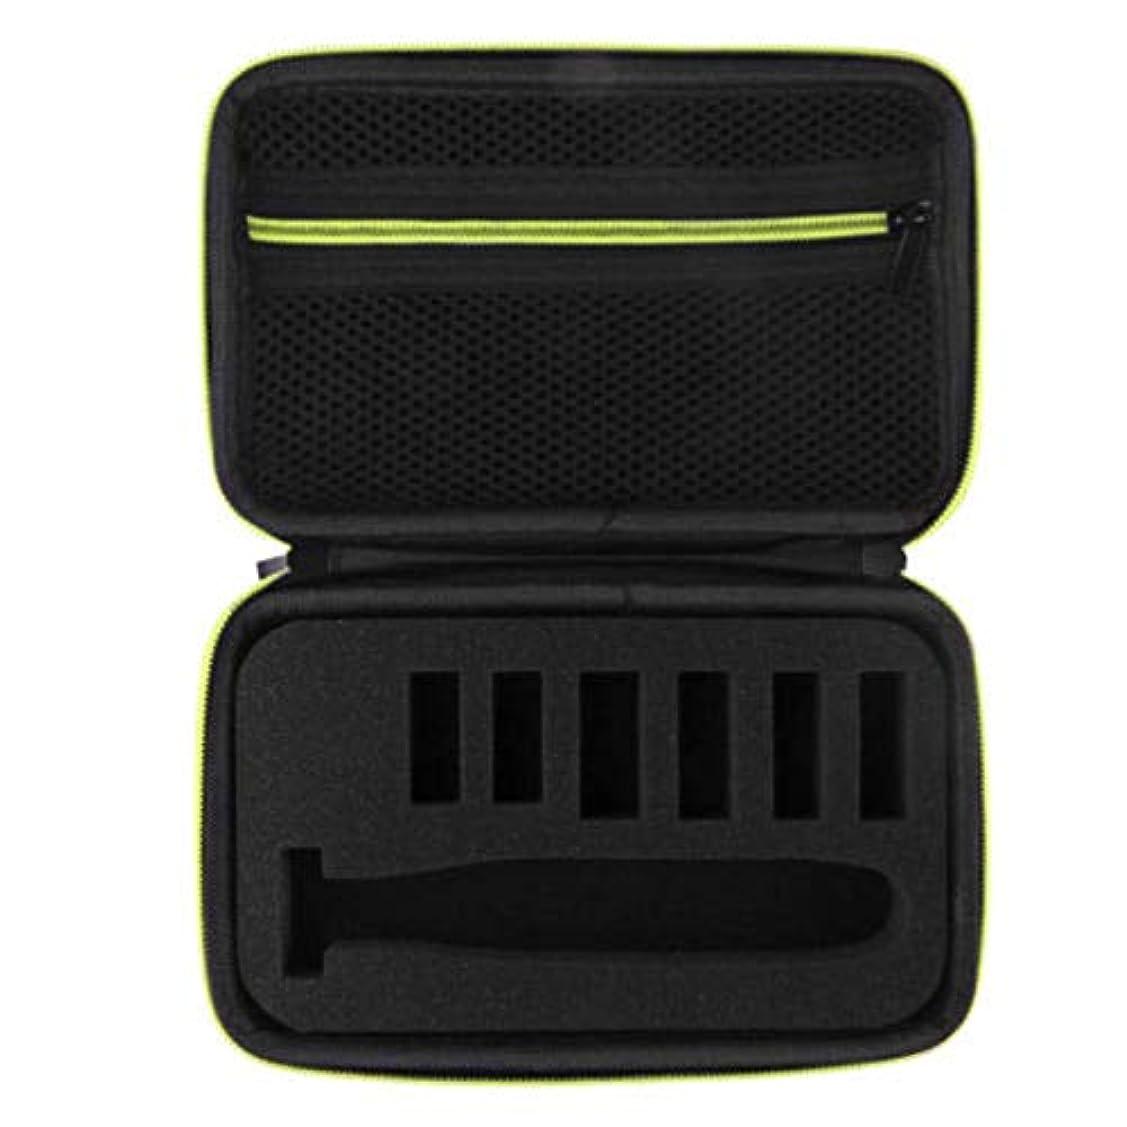 化学薬品発送写真Jarhit 1Xシェーバー収納キャリングケースボックスキャリーバッグ One Blade Pro Razor Ukに適合します